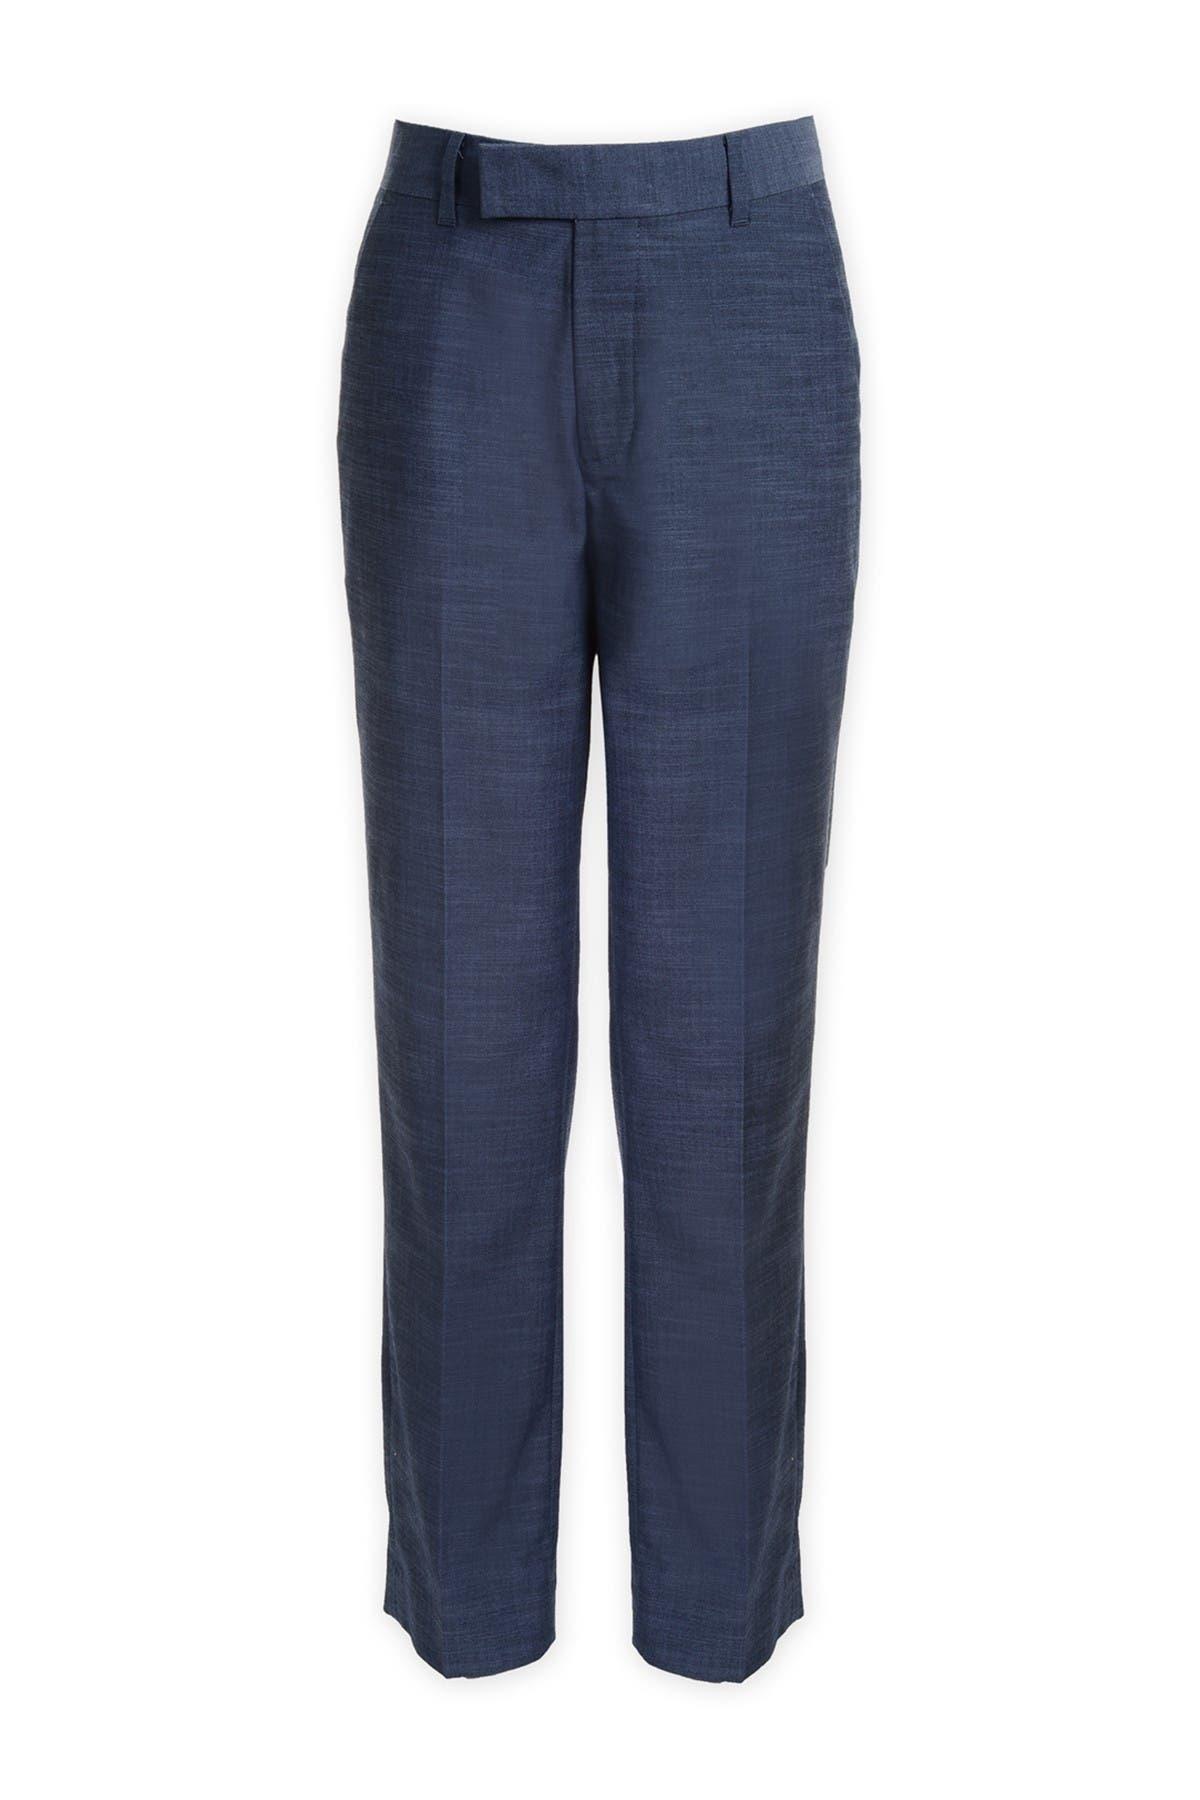 Image of Calvin Klein Plain Weave Suit Separate Pants